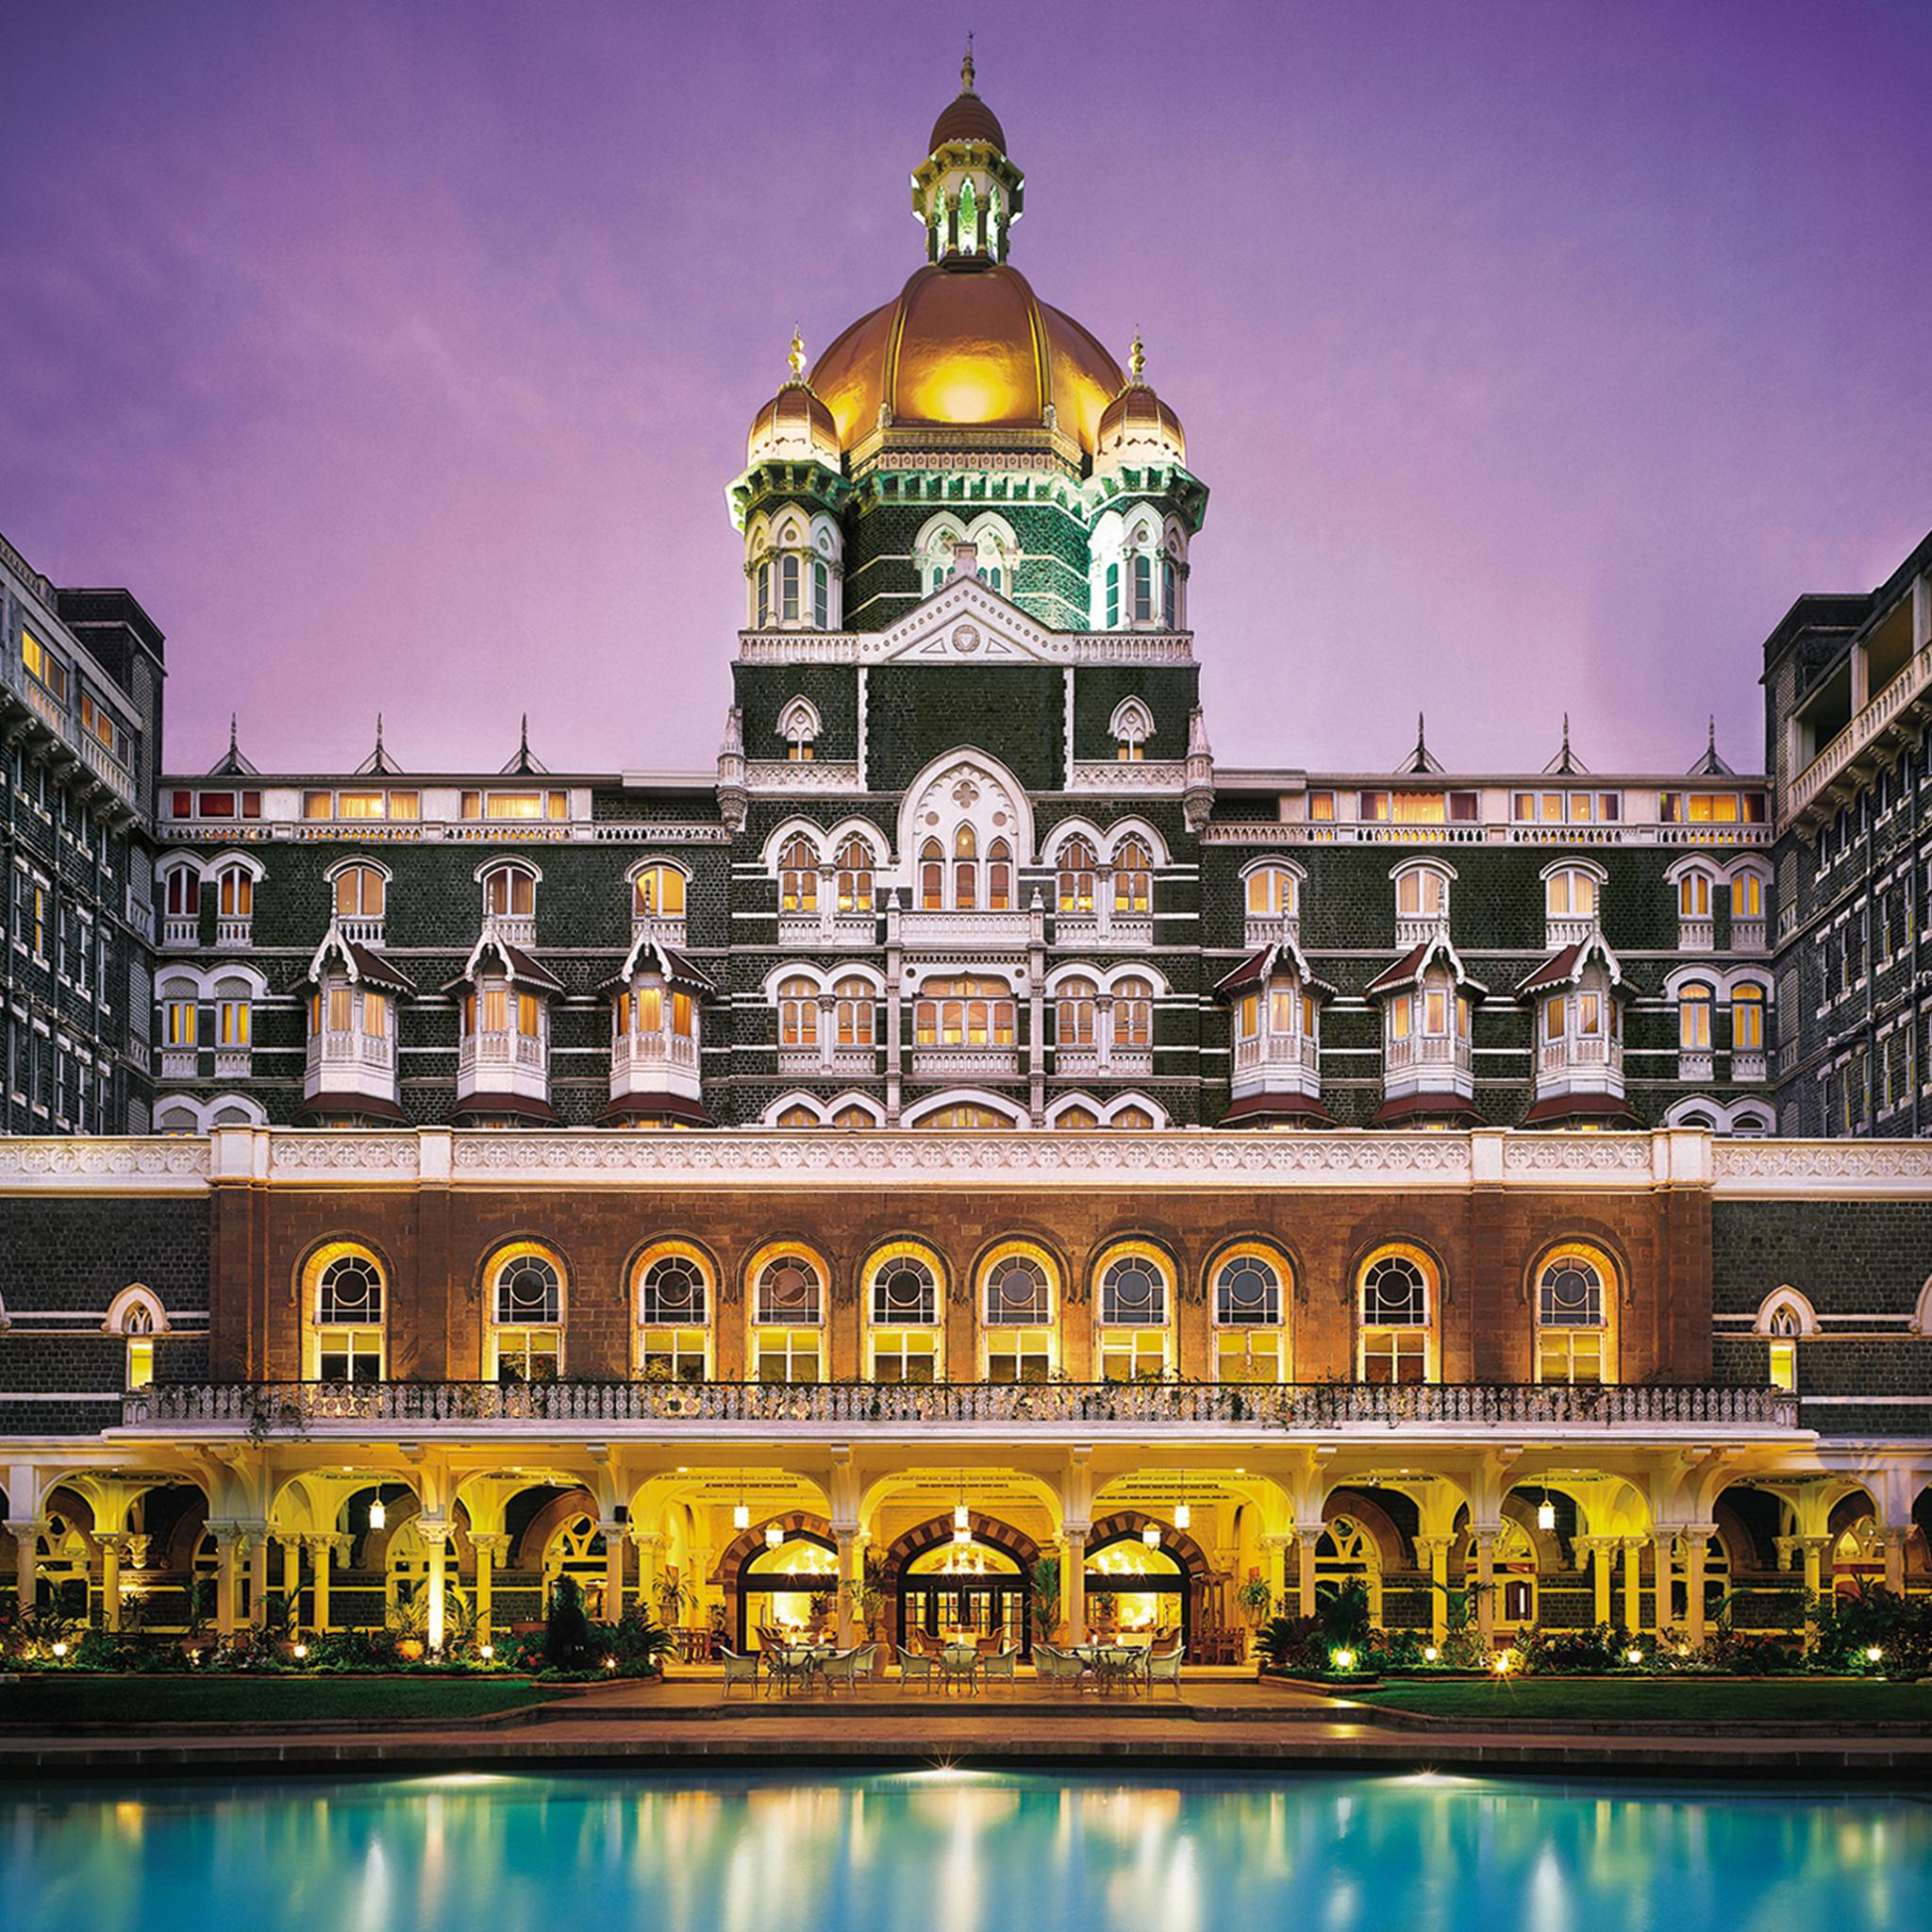 Taj Mahal Palace 3Wallpapers ipad Retina Taj Mahal Palace   iPad Retina